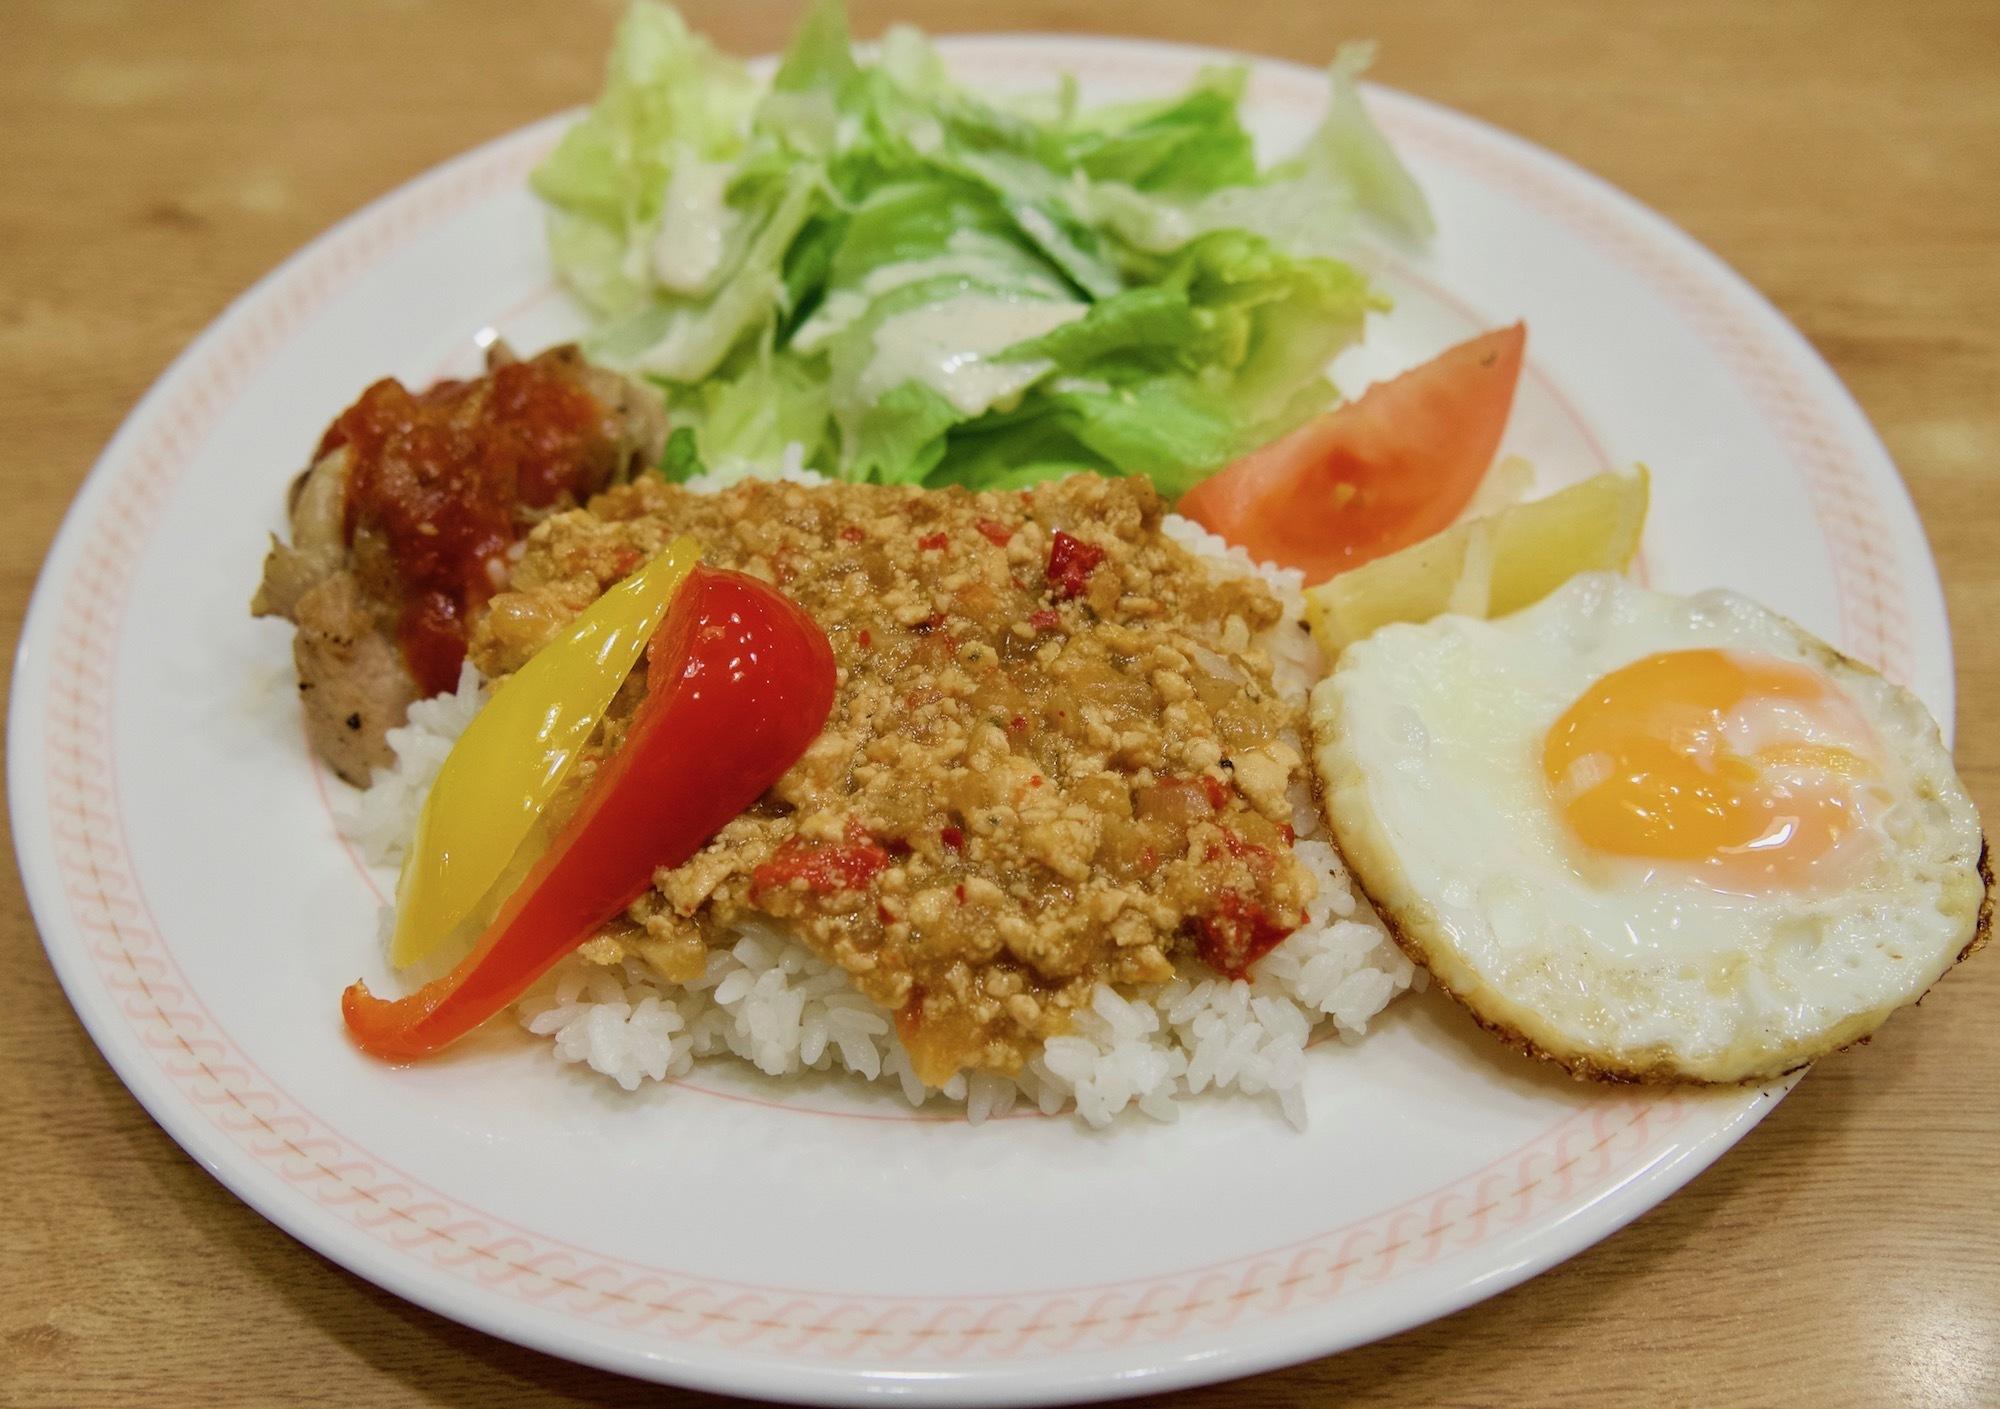 九州でお馴染み激安ファミレス「ジョイフル」で『ガパオライス』を食べた!